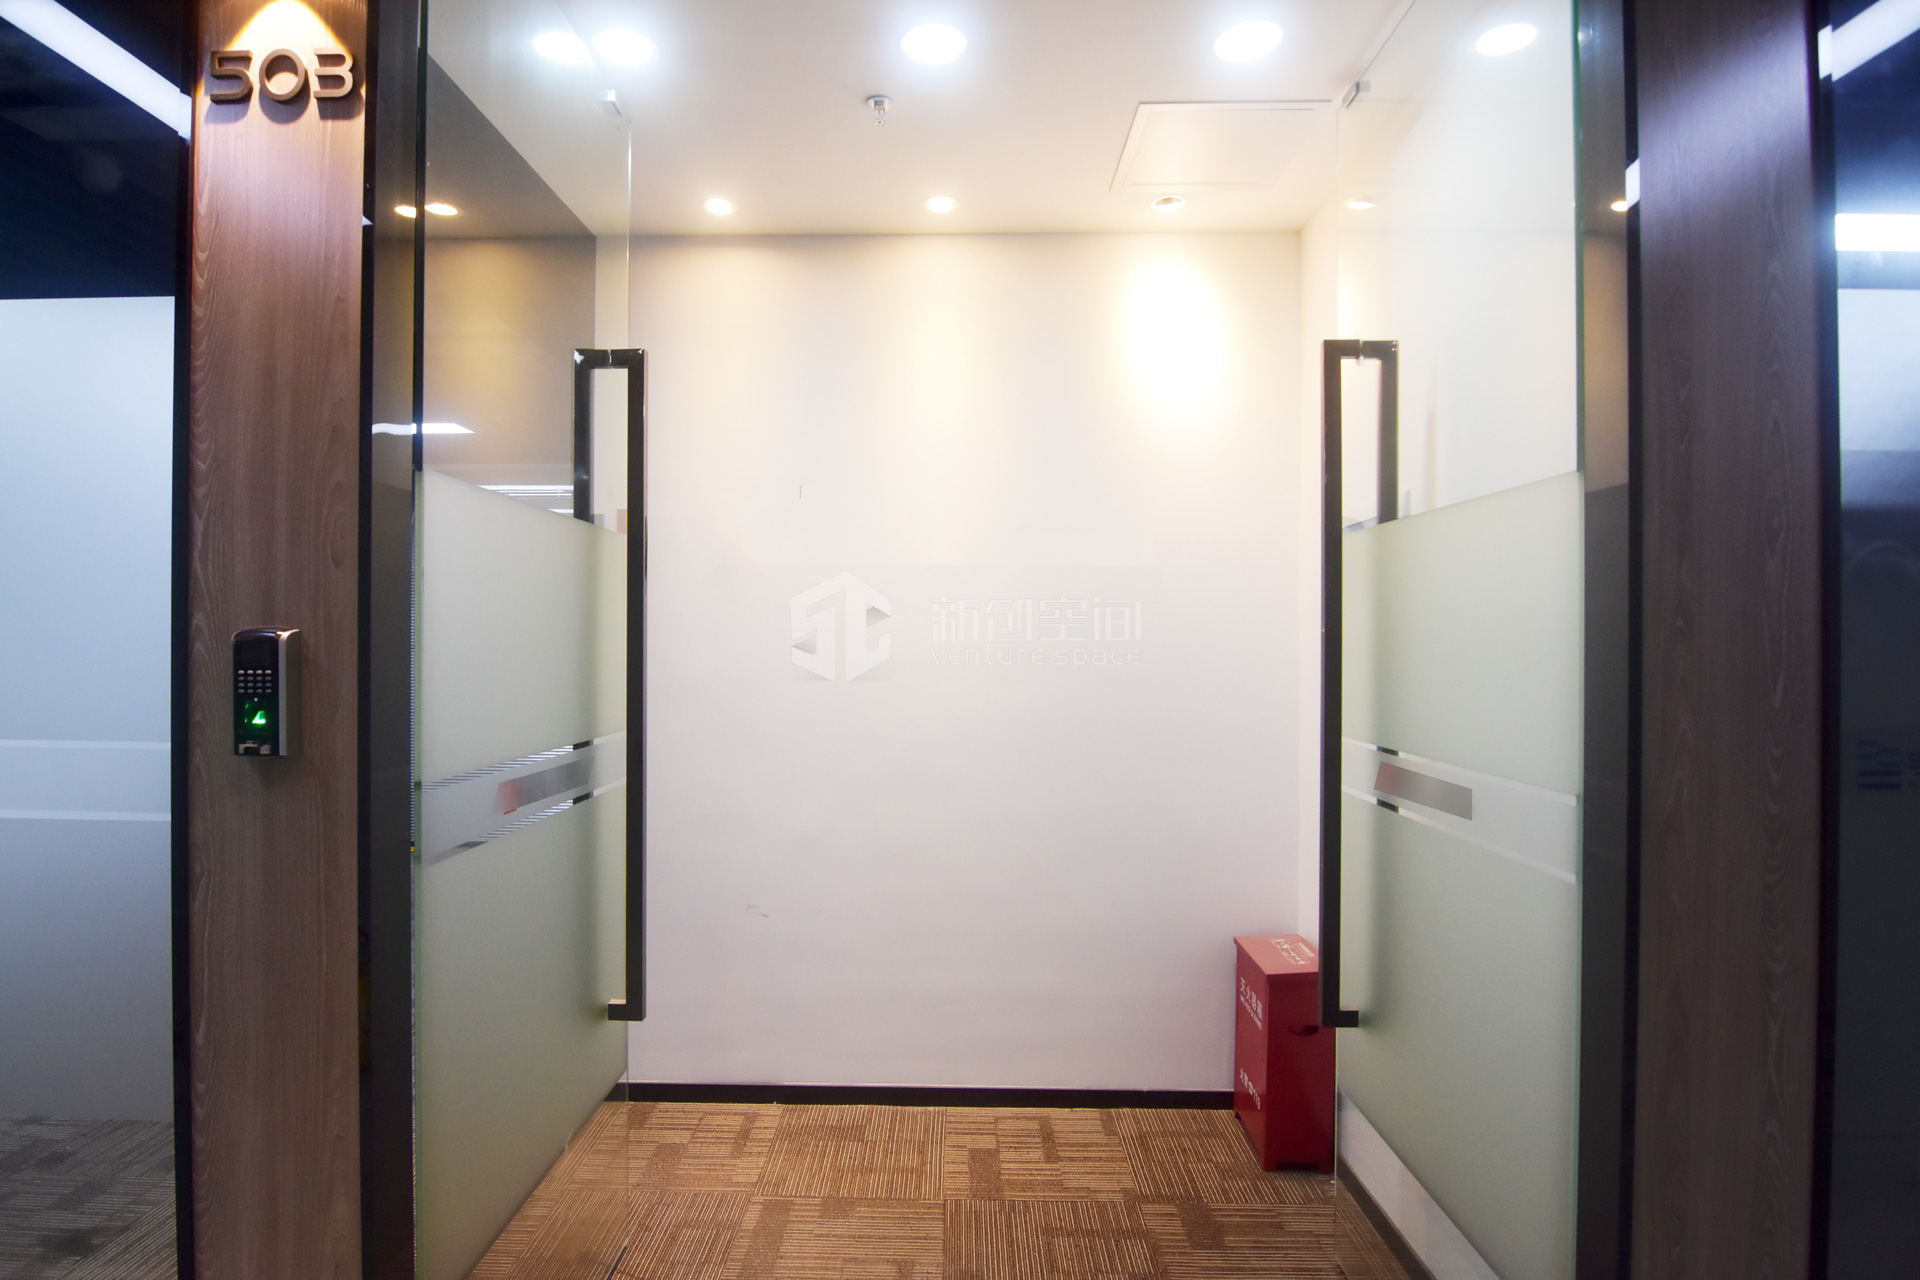 高新技术产业园134㎡精装办公室出租8710元/月